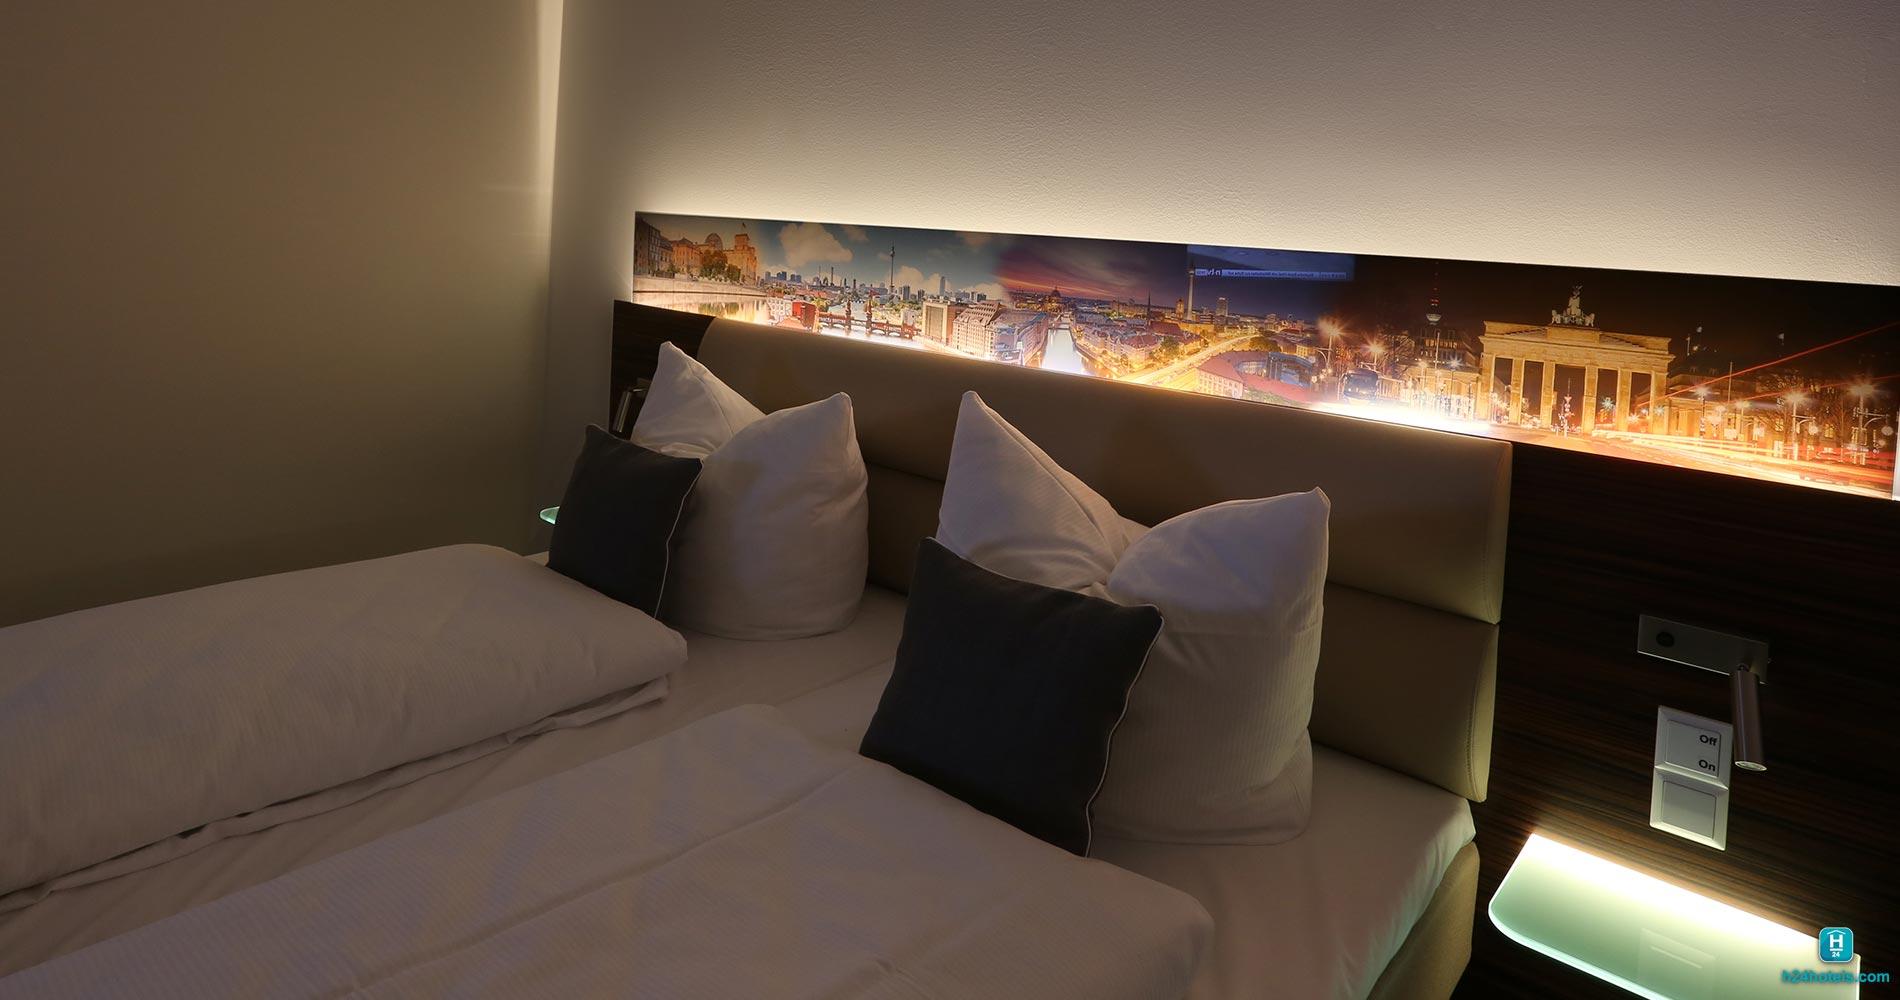 H24, Hoteltow Room, Doppelbett, Schlafzimmer, Schlafbereich, Entspannung